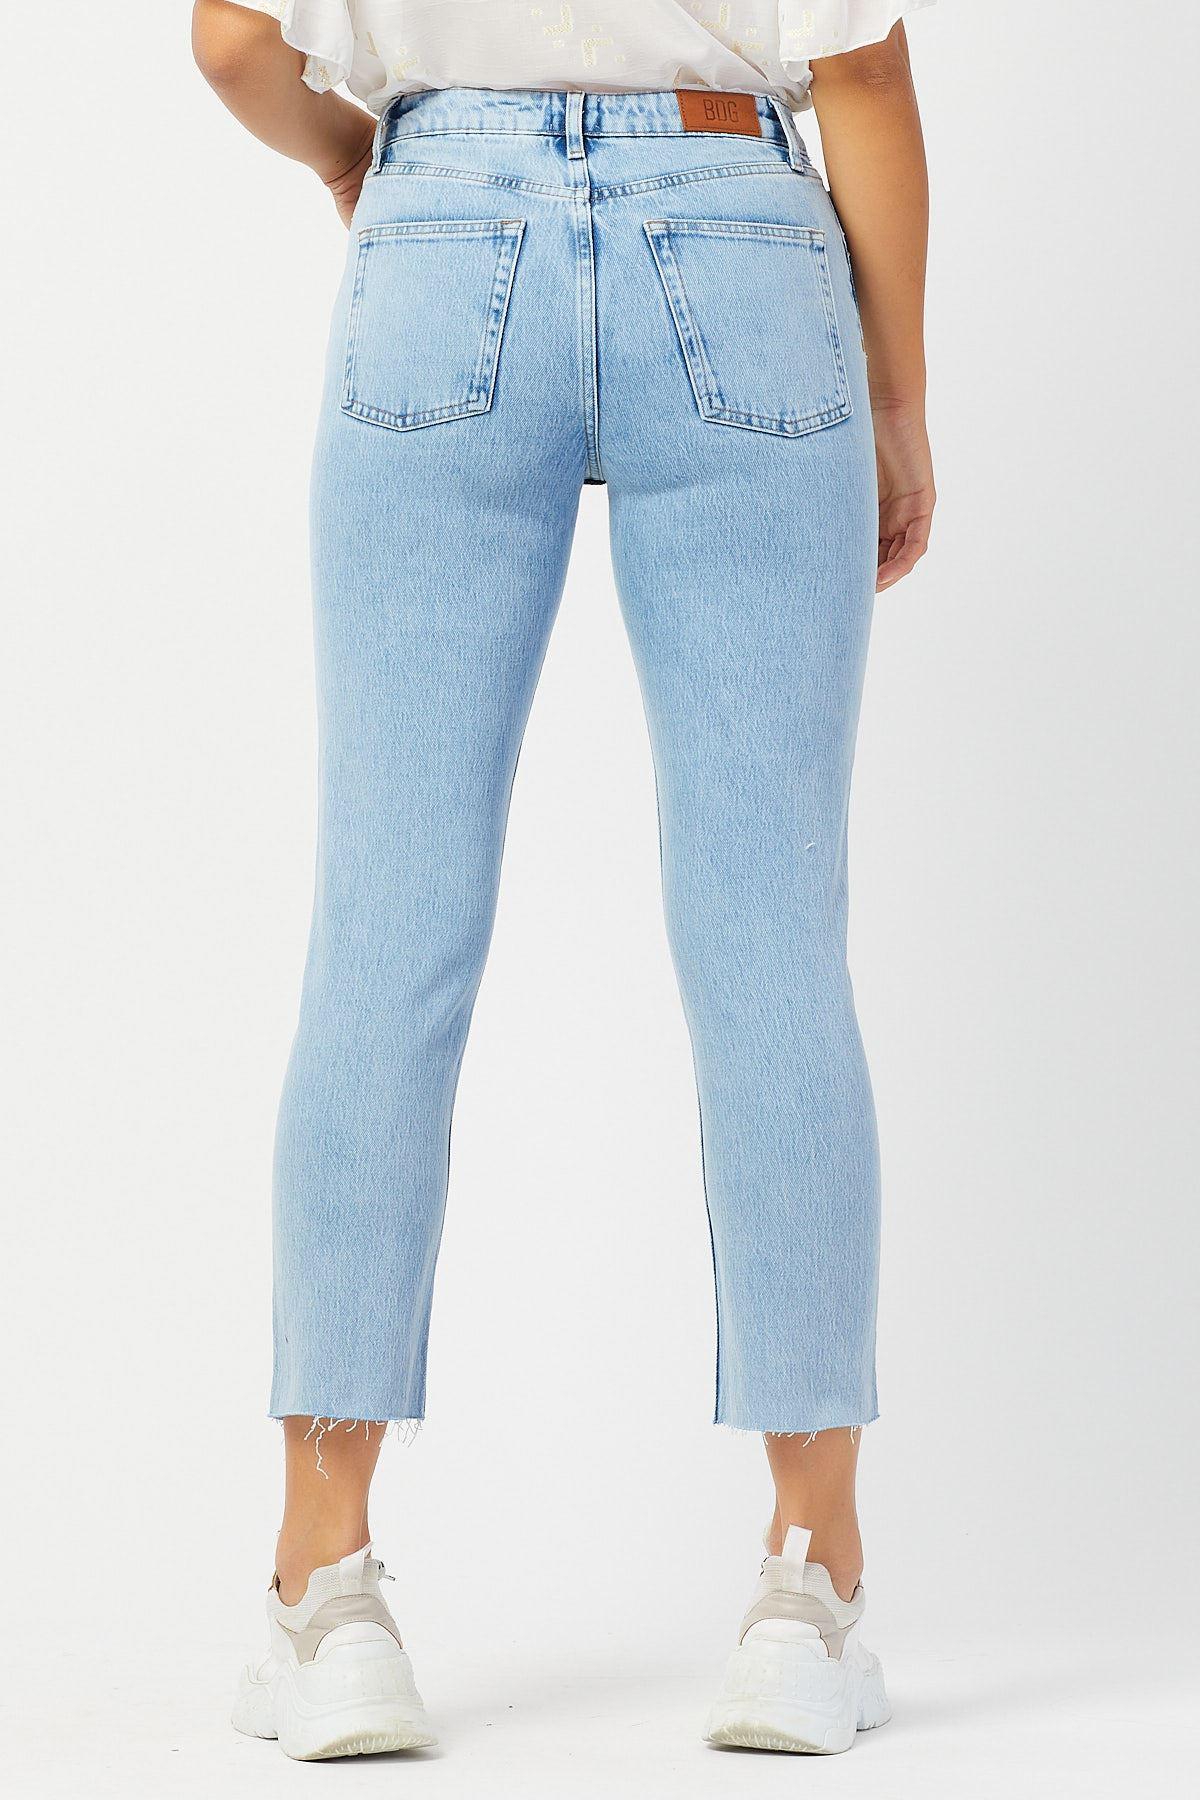 Yüksek Bel Paçası Kesik Pantolon